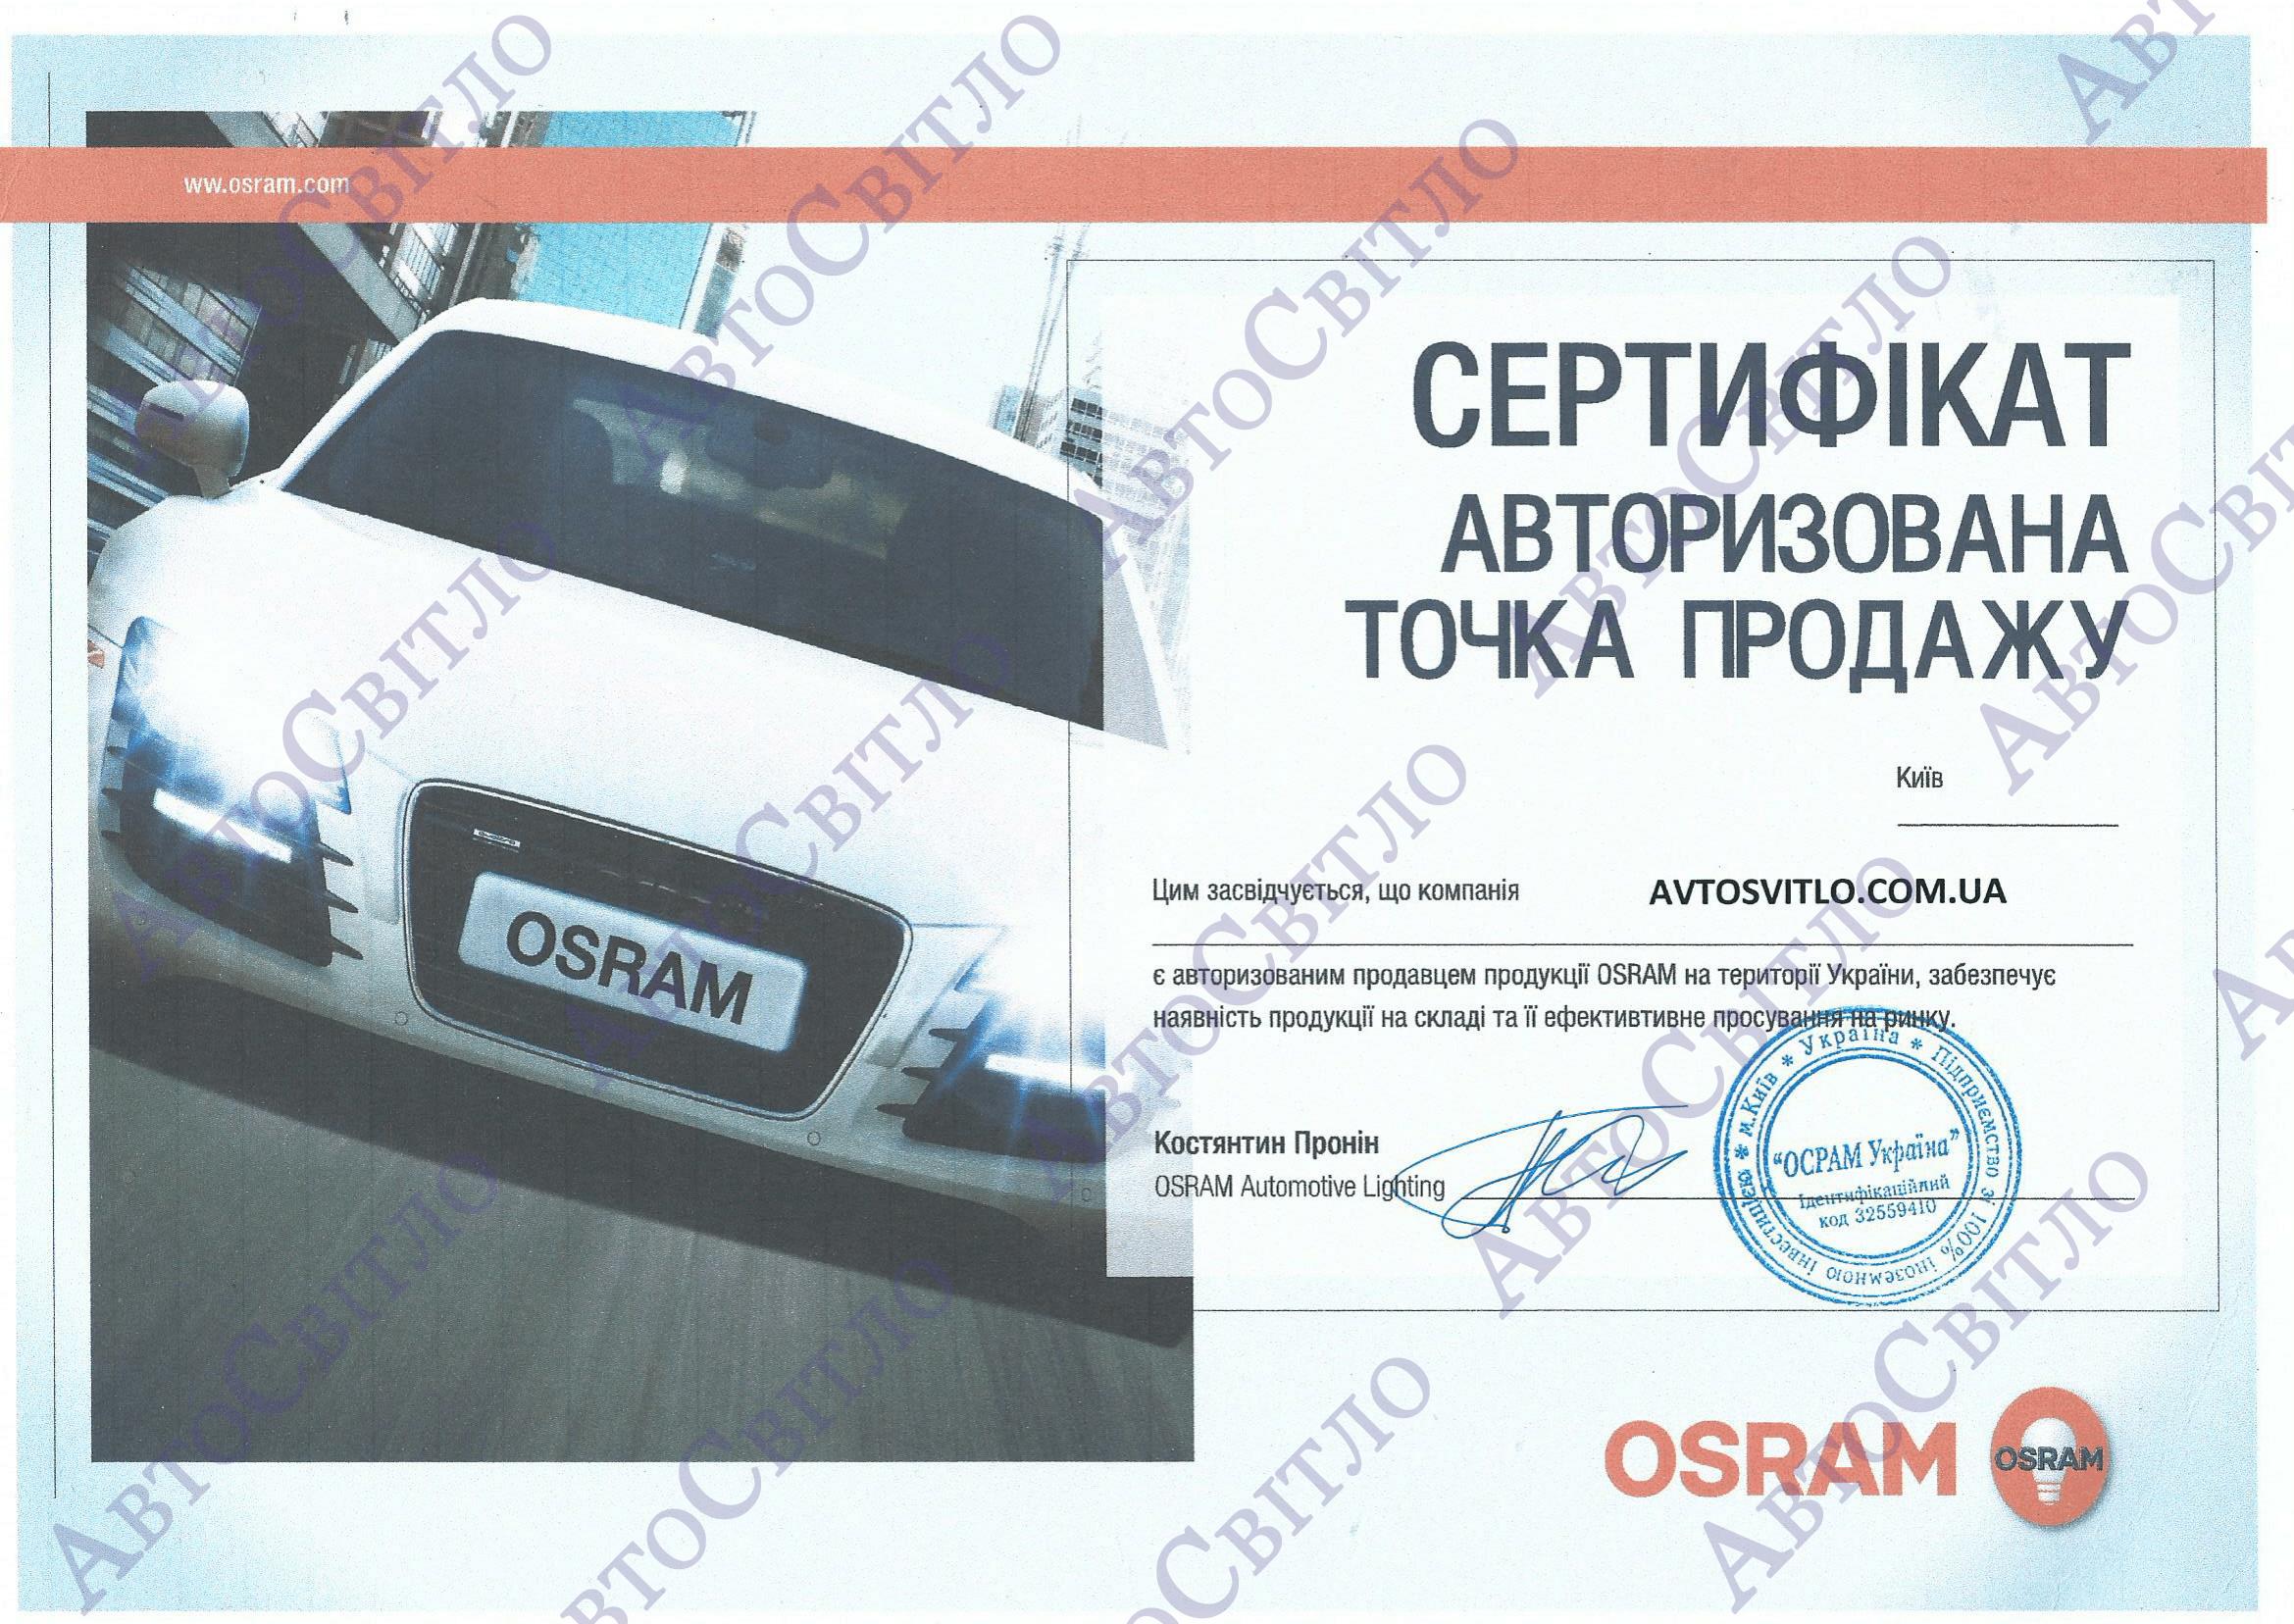 """""""Автосвітло"""" – сертифицированная точка продажи продукции Osram"""